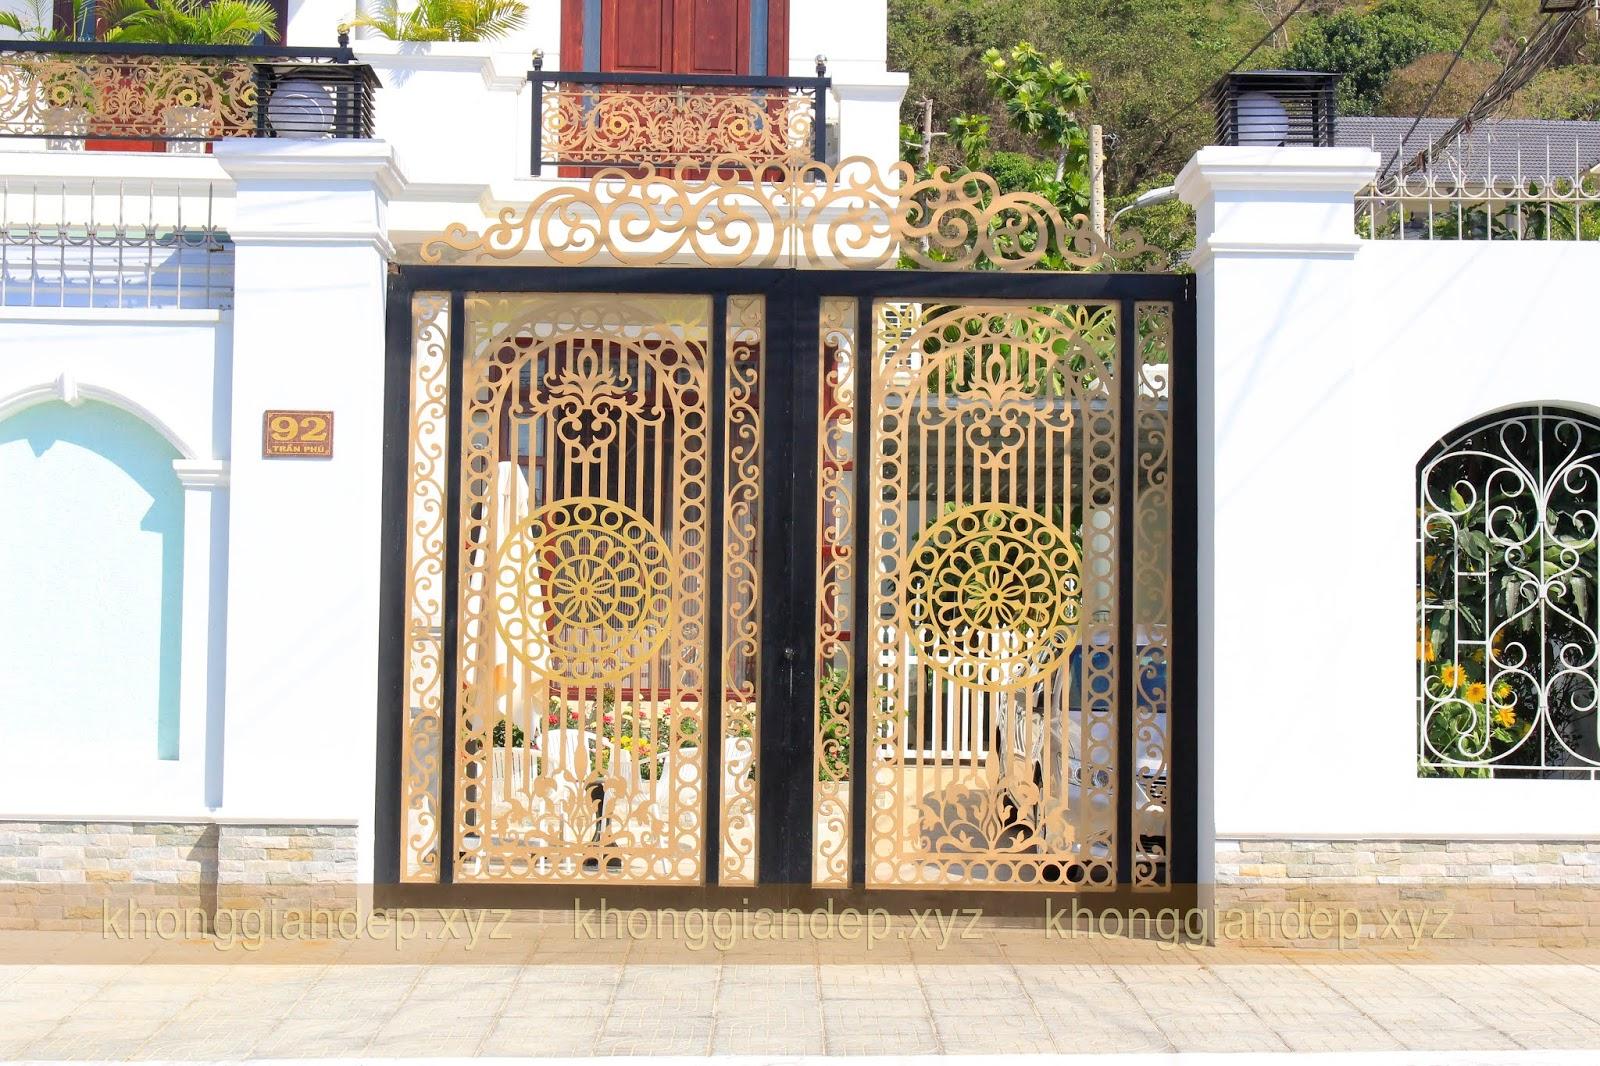 Chi tiết mẫu cổng biệt thự đẹp tại Vũng Tàu